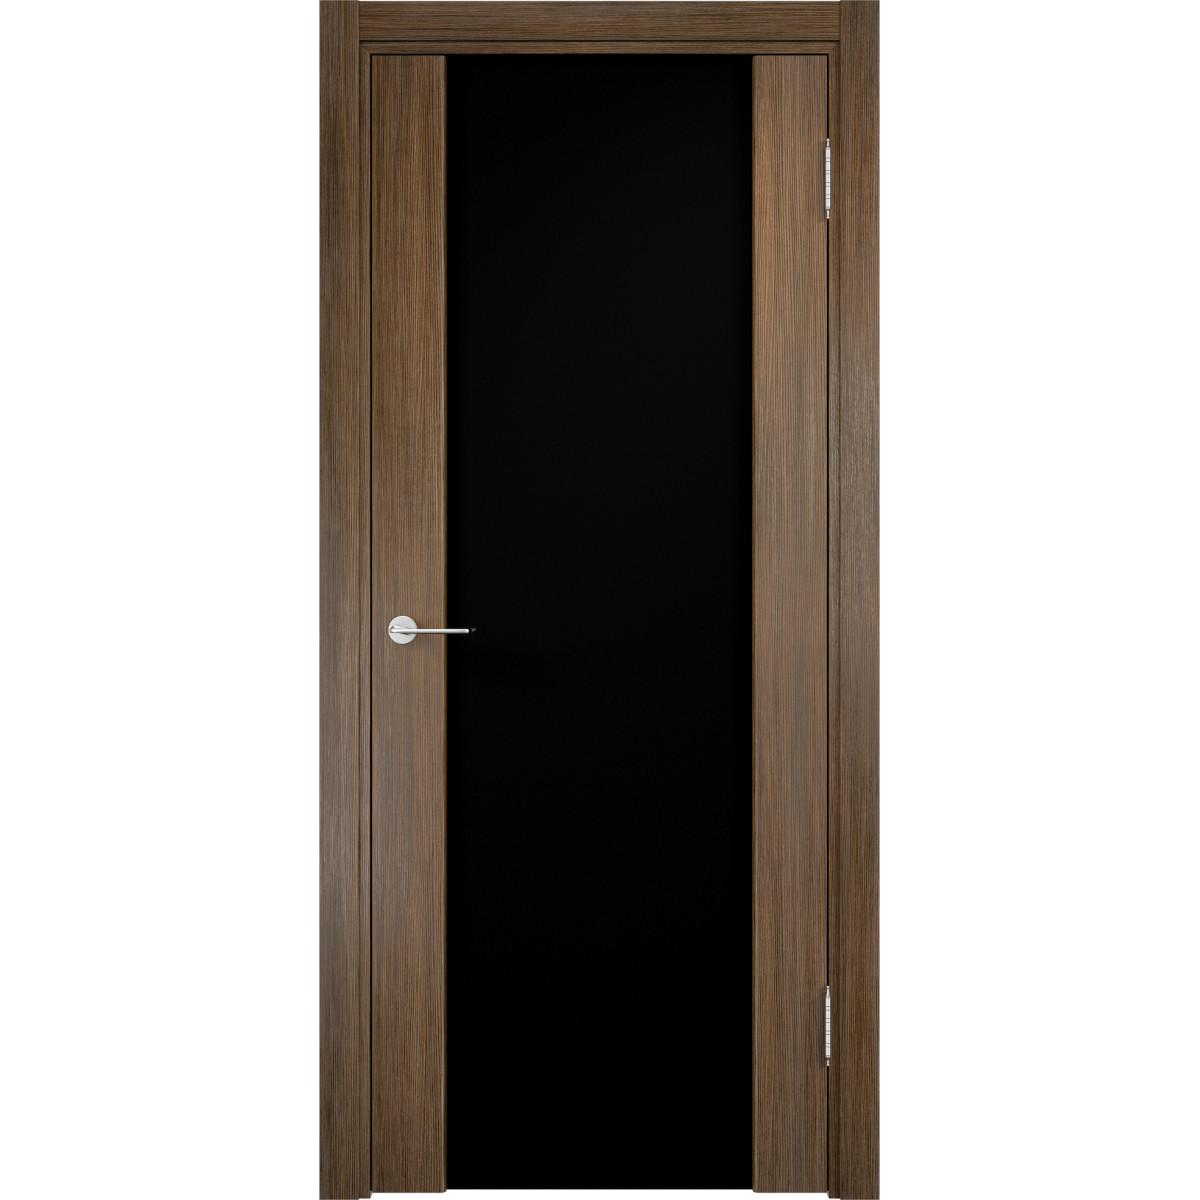 Дверное полотно Casaporte Сан-Ремо МП_0206 2000х900х44 мм МДФ